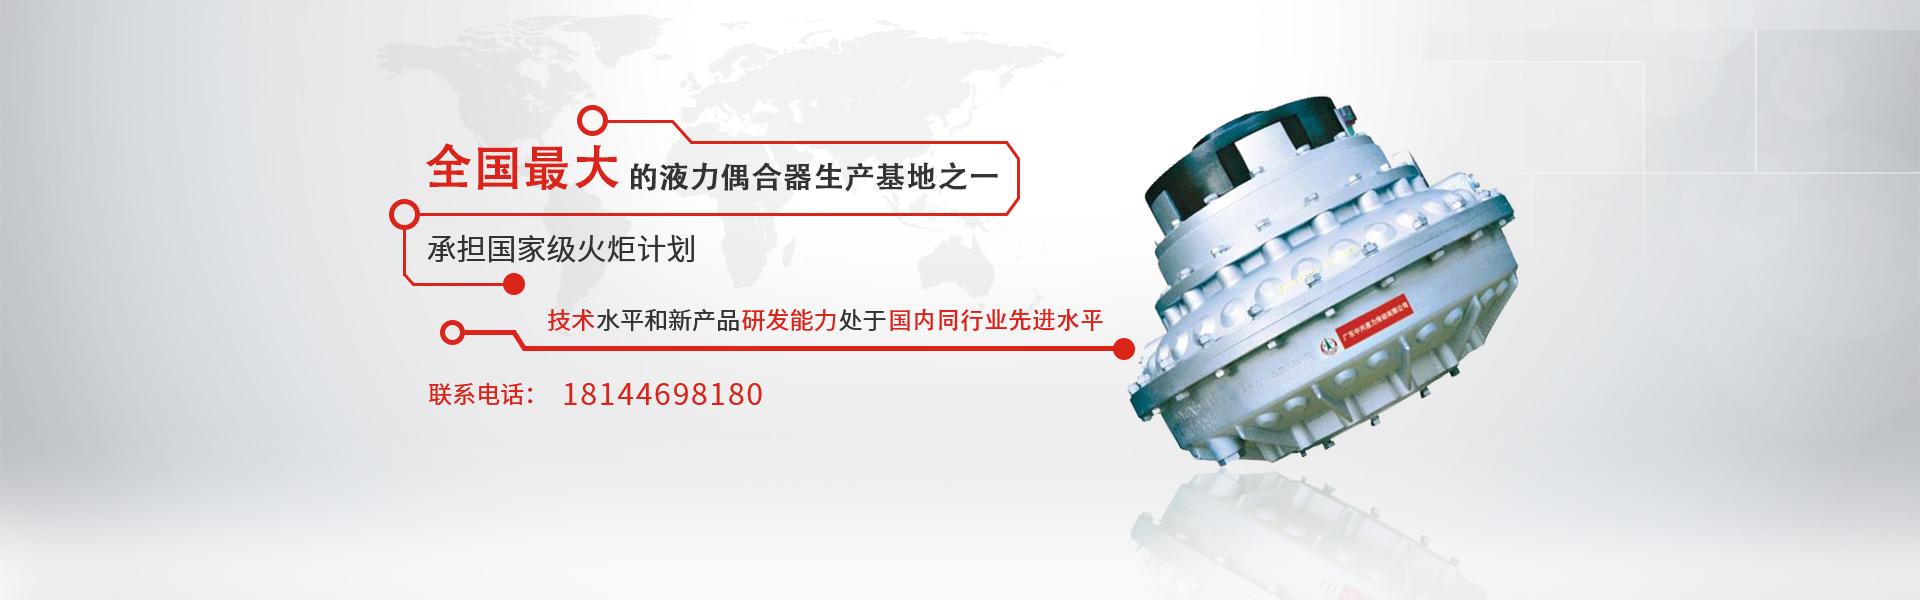 银河wangzhan登录液力传dongou合器生chanchang家-全国最大的ou合器生chan基地之一